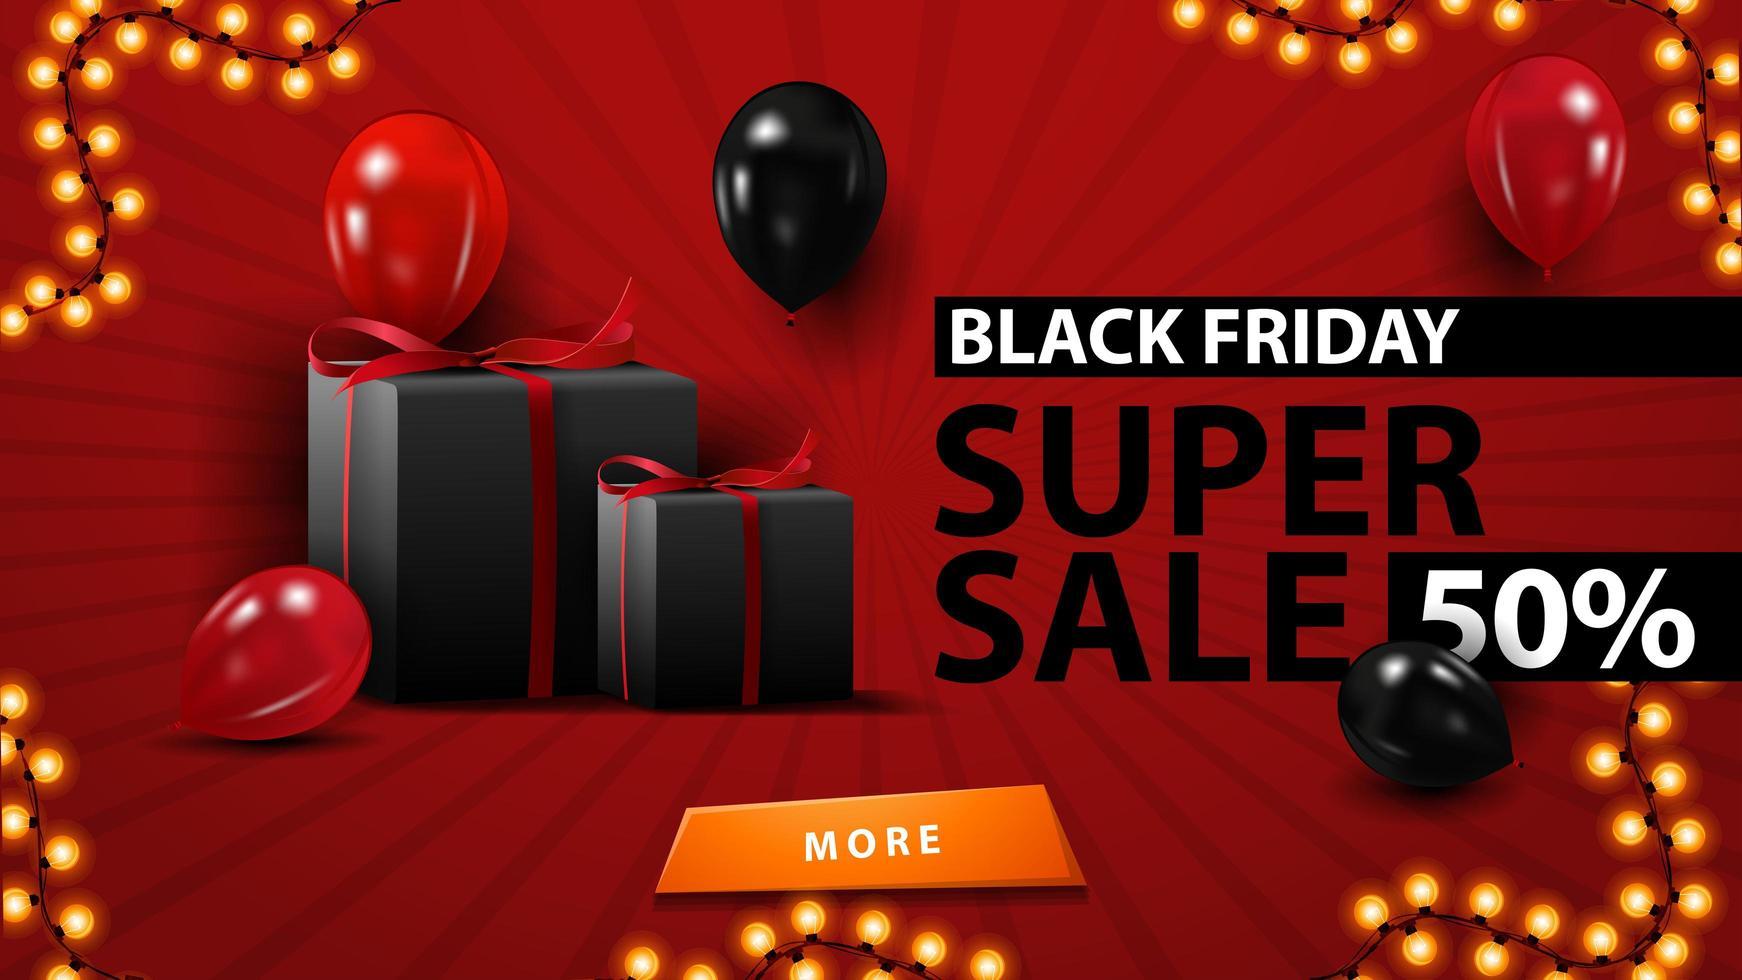 schwarzer Freitag Super Sale, bis zu 50 Rabatt, kreative rote Vorlage im minimalistischen modernen Stil mit Luftballons und Geschenken. vektor